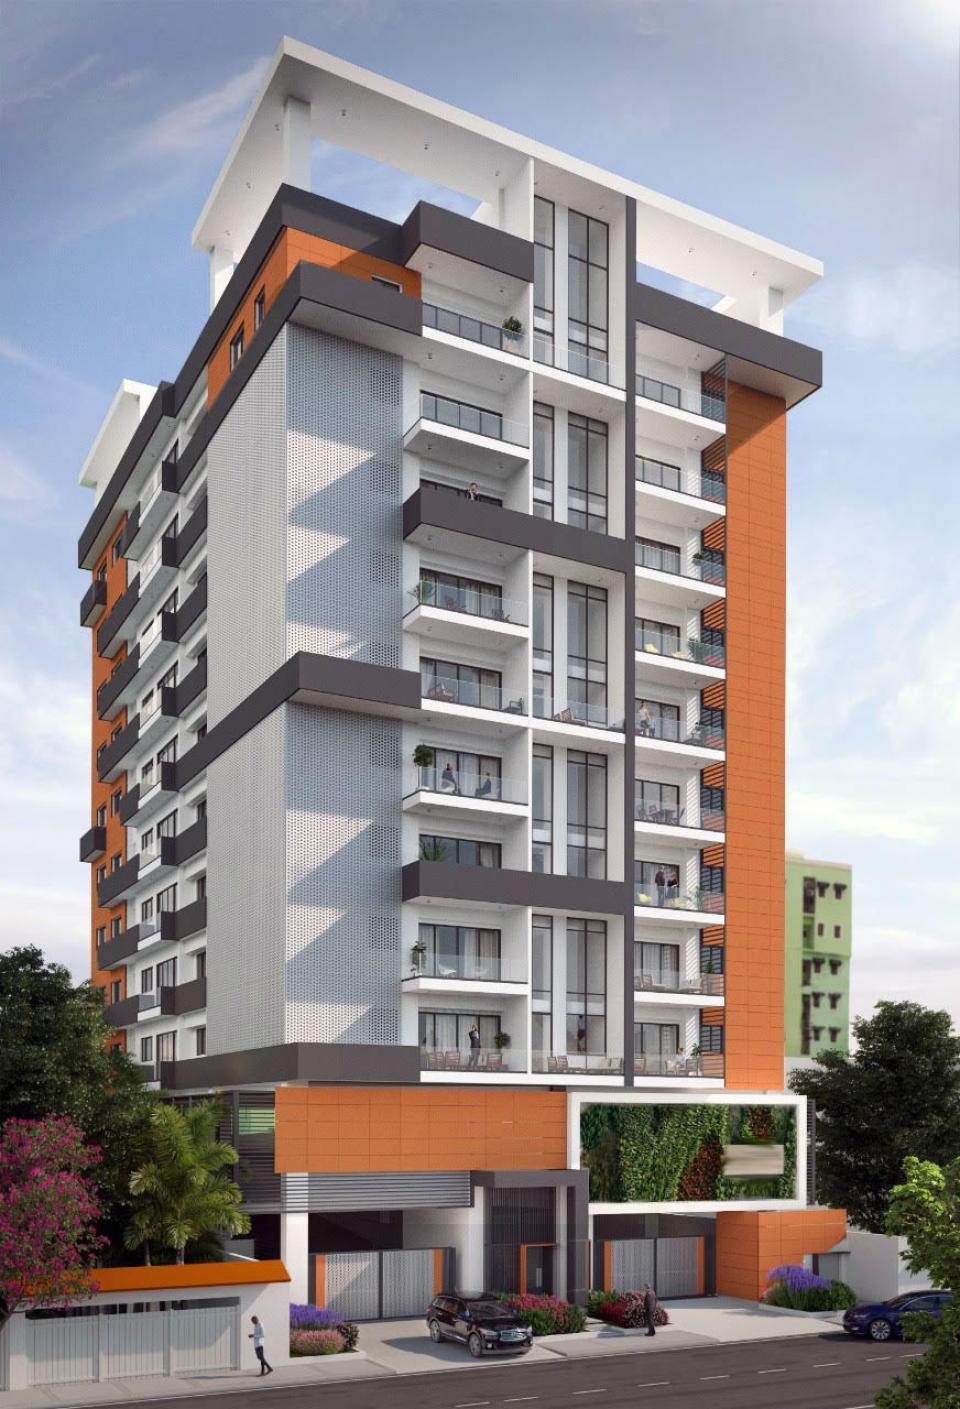 Apartamento en venta en el sector EVARISTO MORALES precio US$ 135,000.00 US$135,000